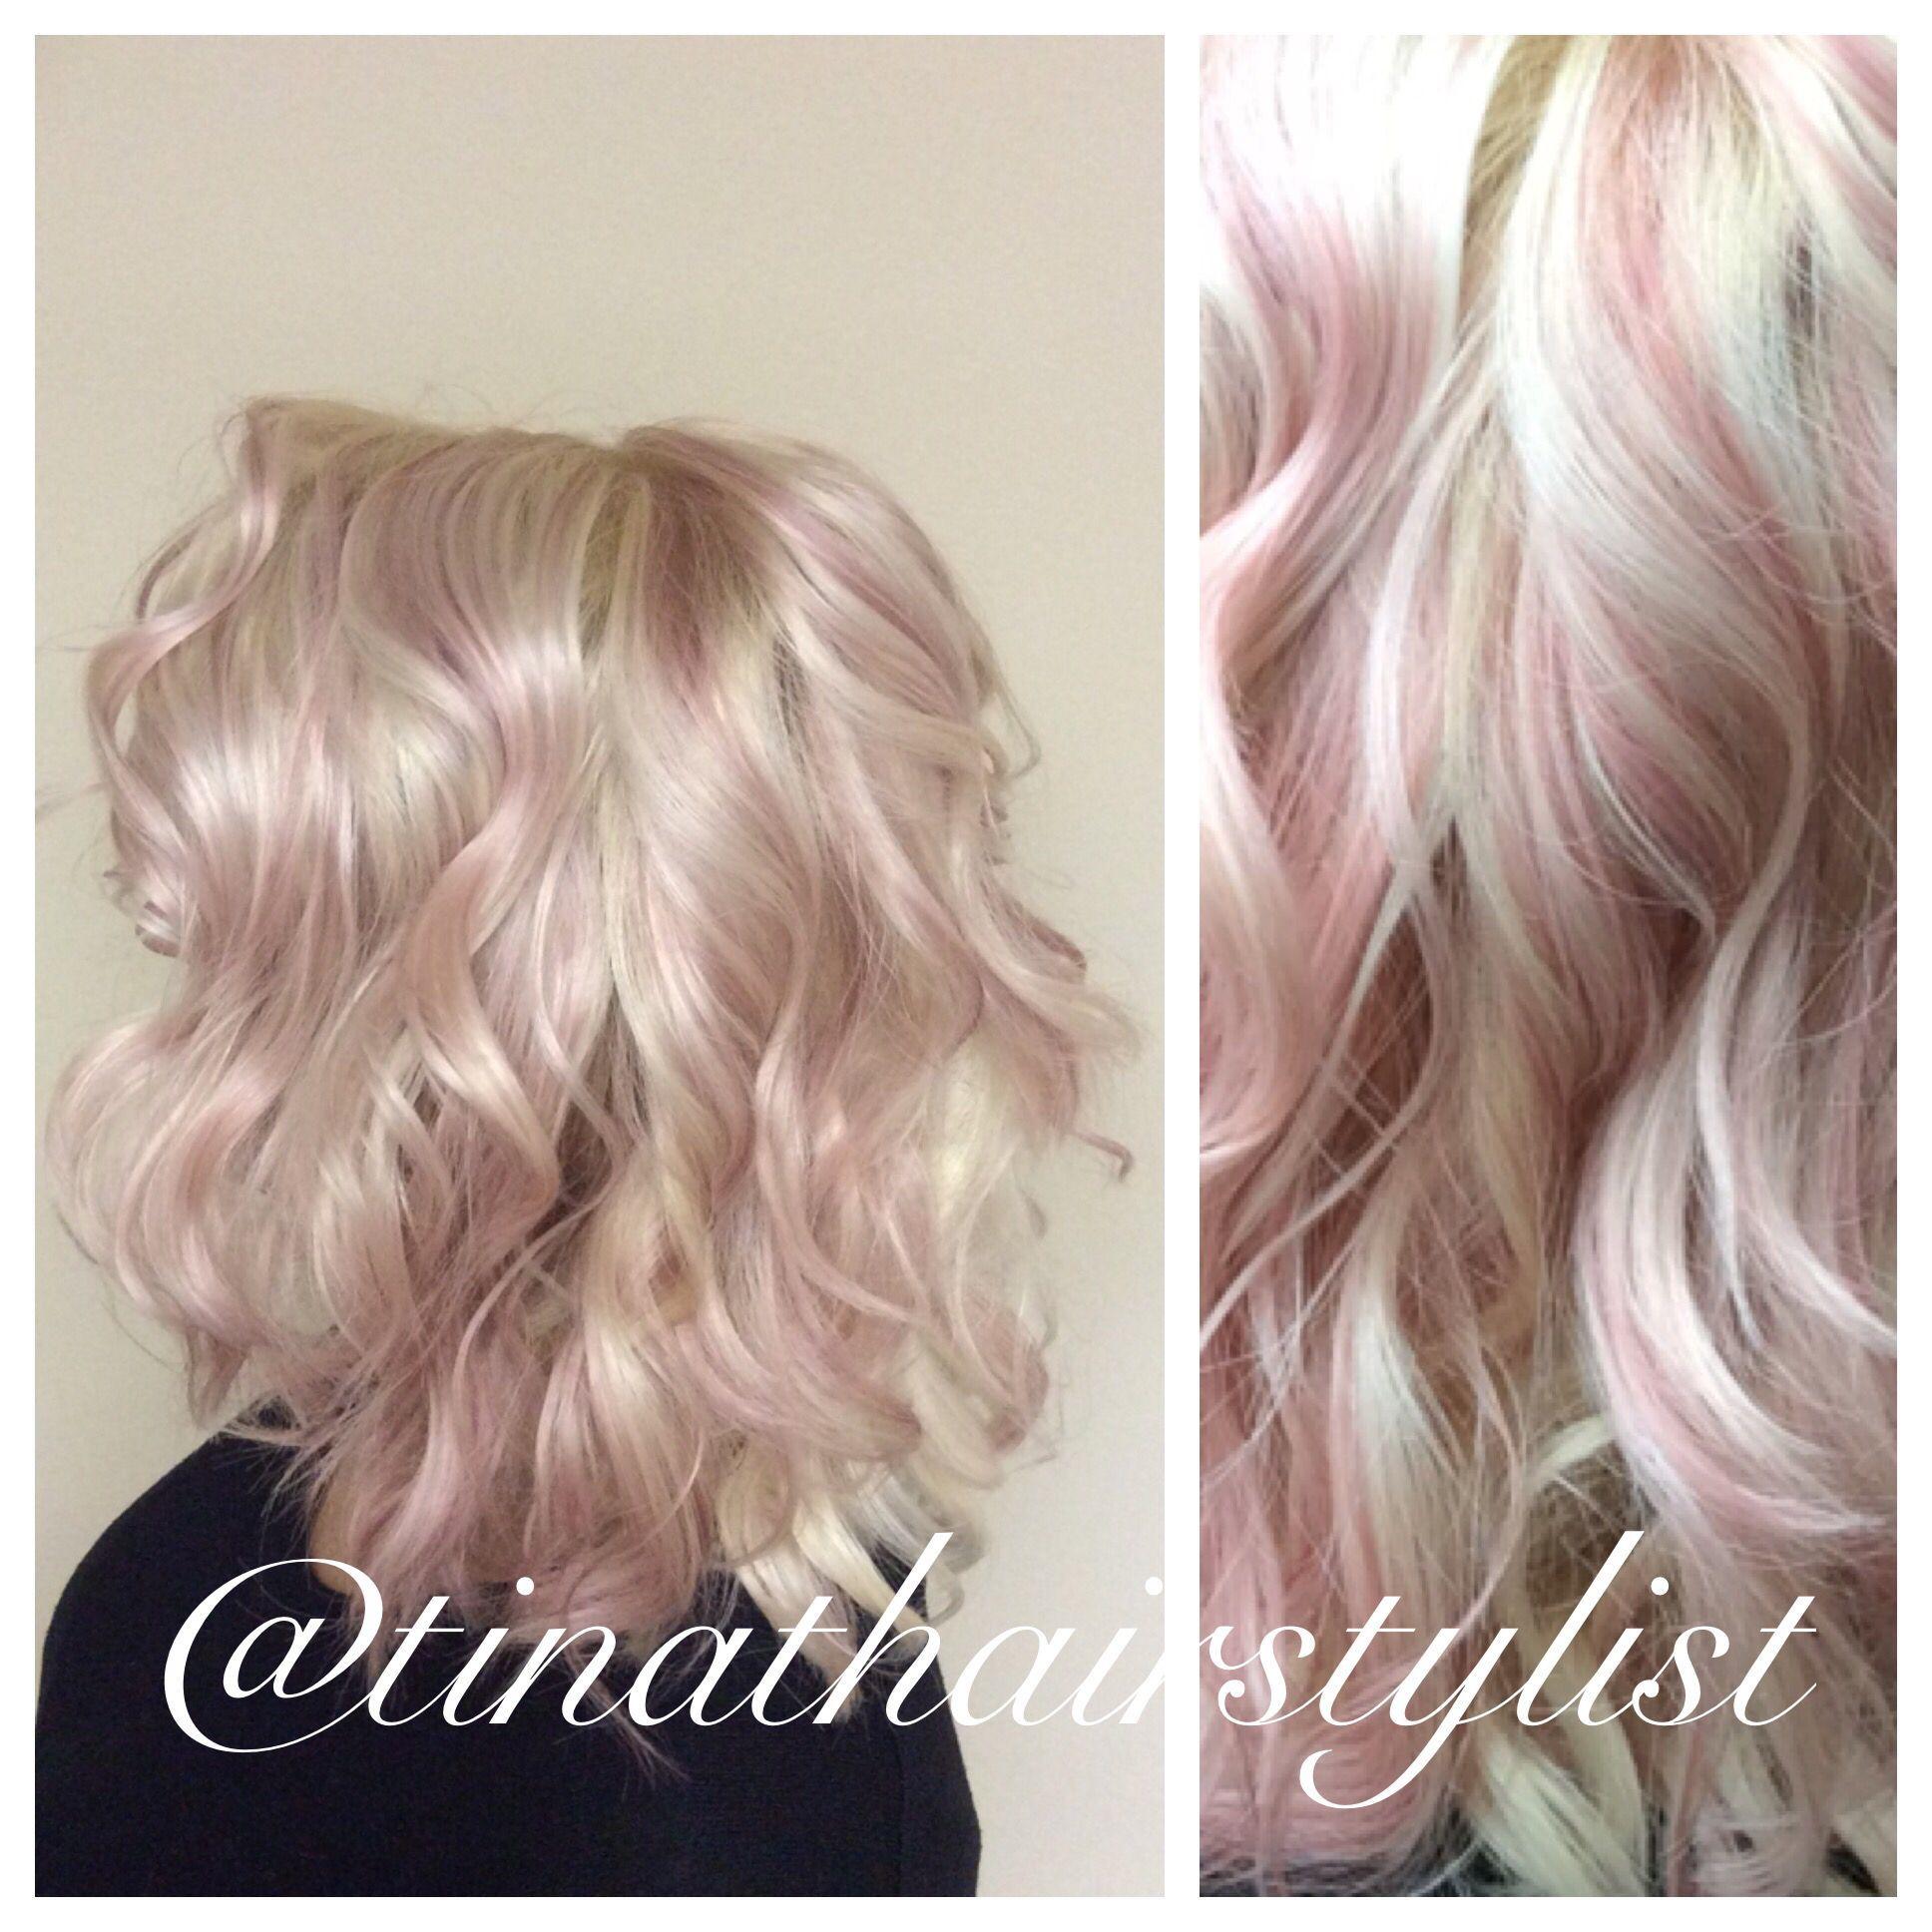 Pin By Esley Svanas On Hair In 2020 Pink Blonde Hair Hair Highlights Blonde Hair With Pink Highlights